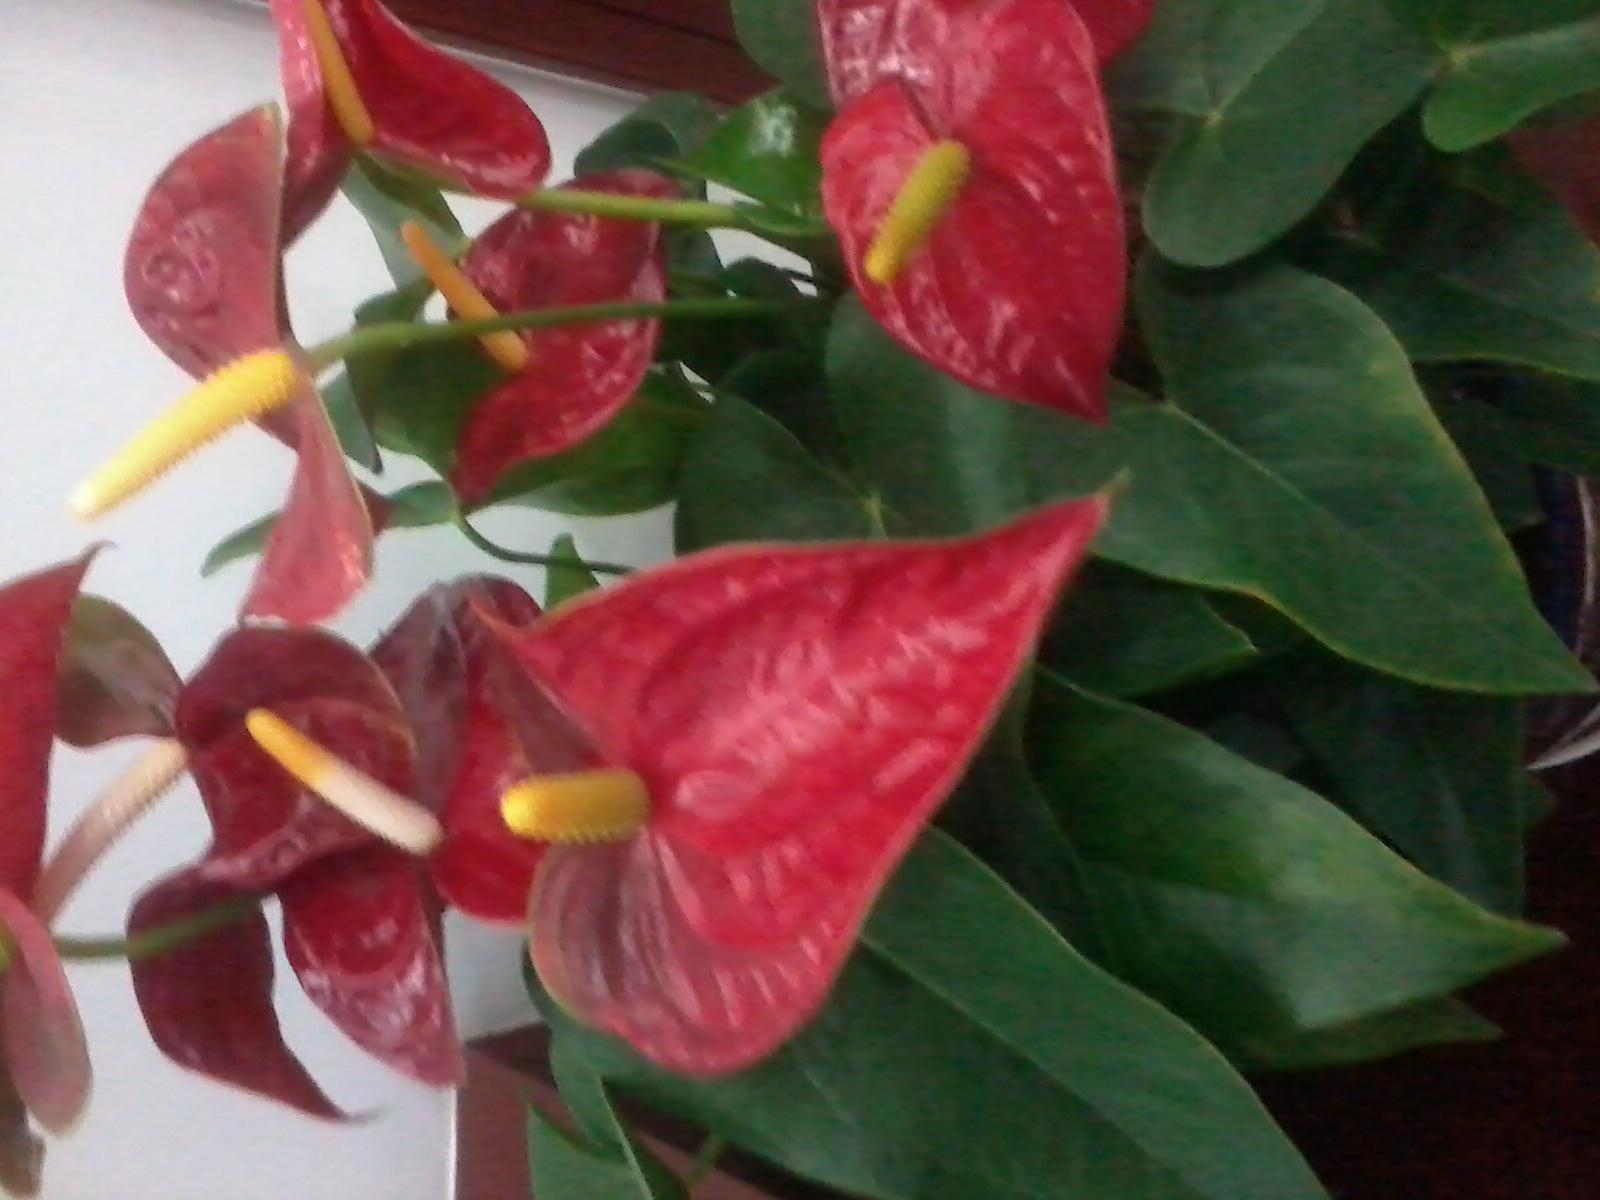 南方花卉名称及图片 家养花卉大全及名称 花卉大全名称图解